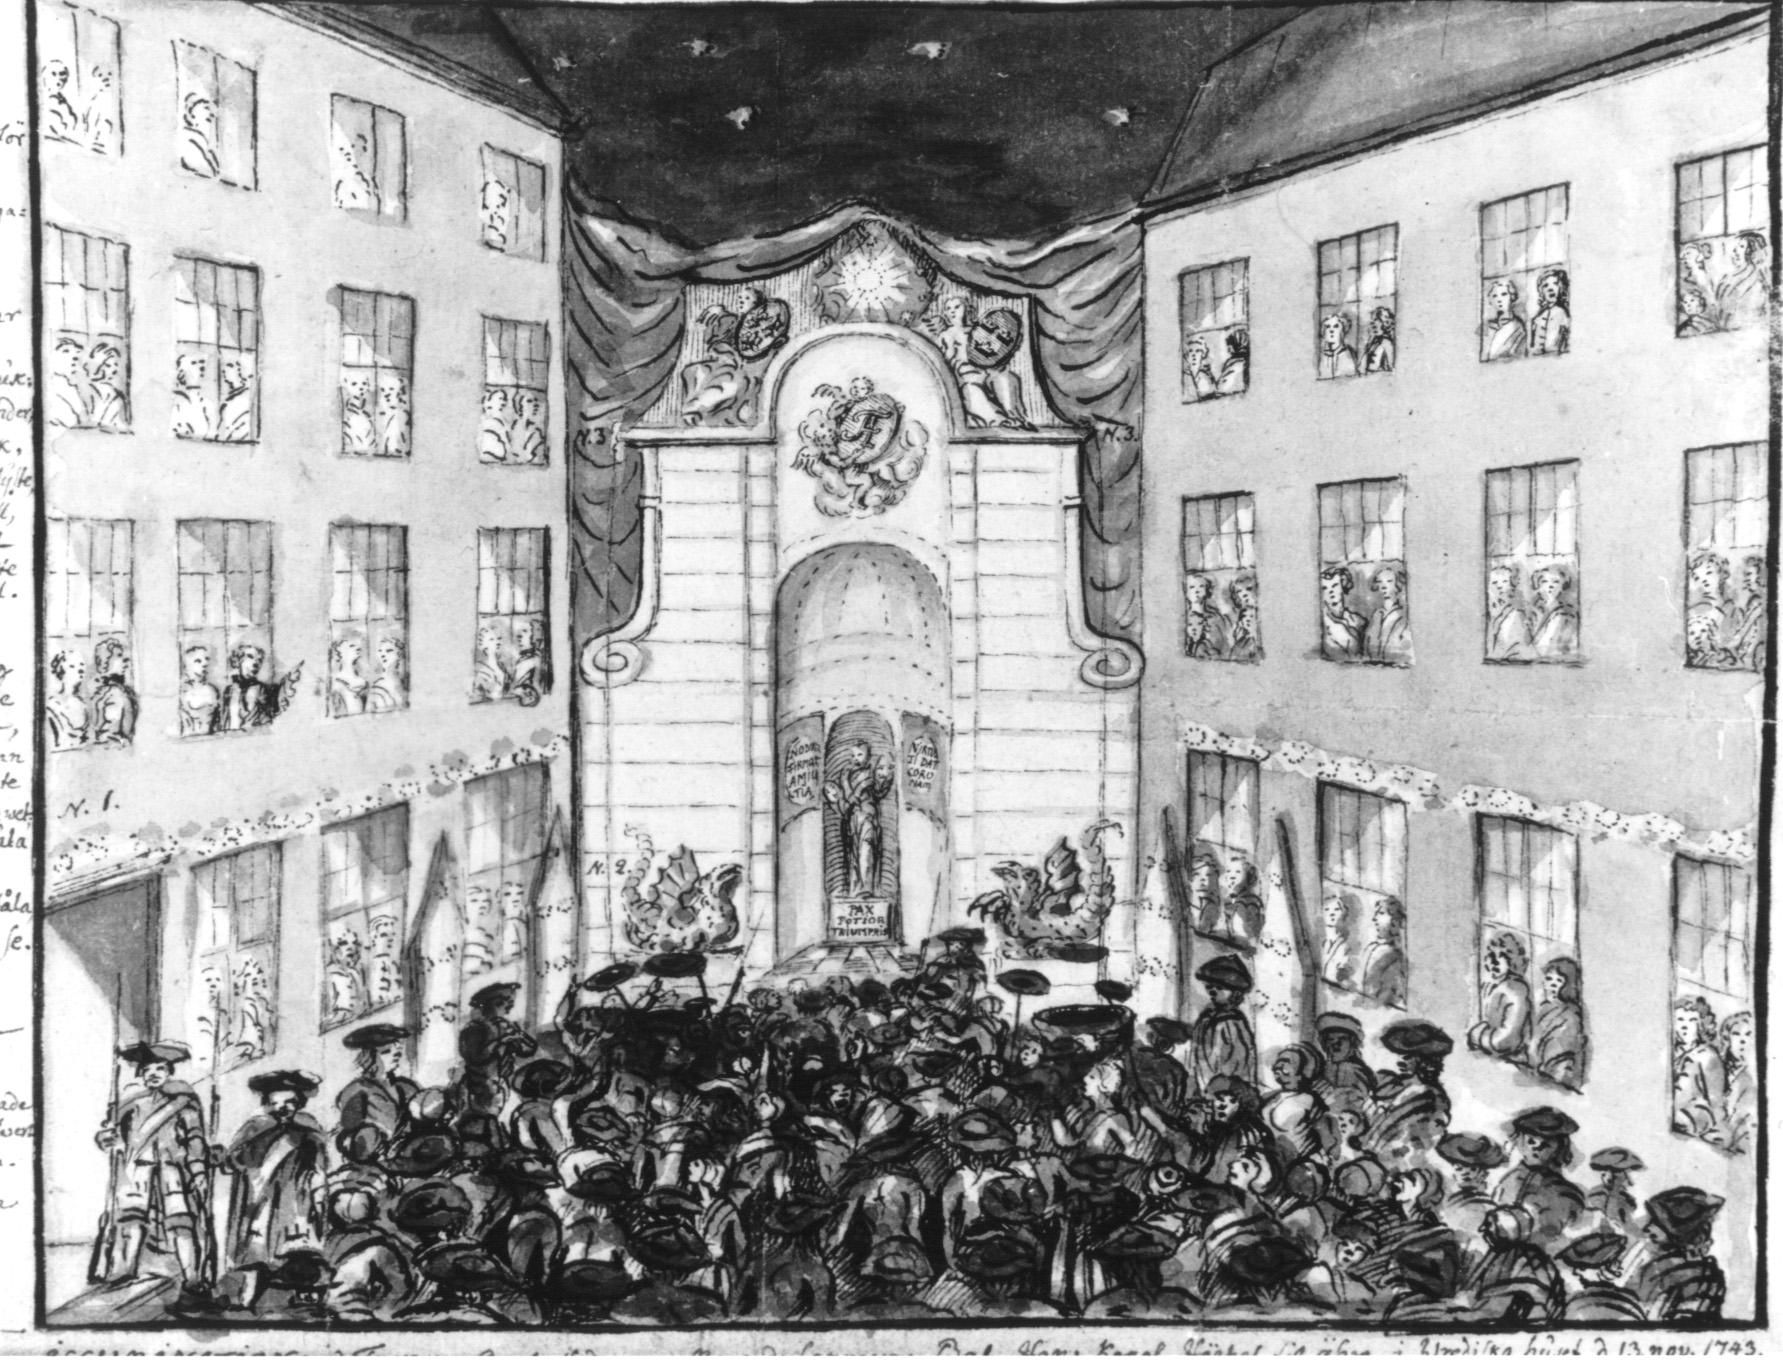 Wredeska huset i Stockholm den 13 november 1743. Frankrikes ambassadör håller bal för att fira Adolf Fredrik som nyss kommit till Sverige som tronföljare. En stor folkmassa tittar nyfiket på festligheterna.